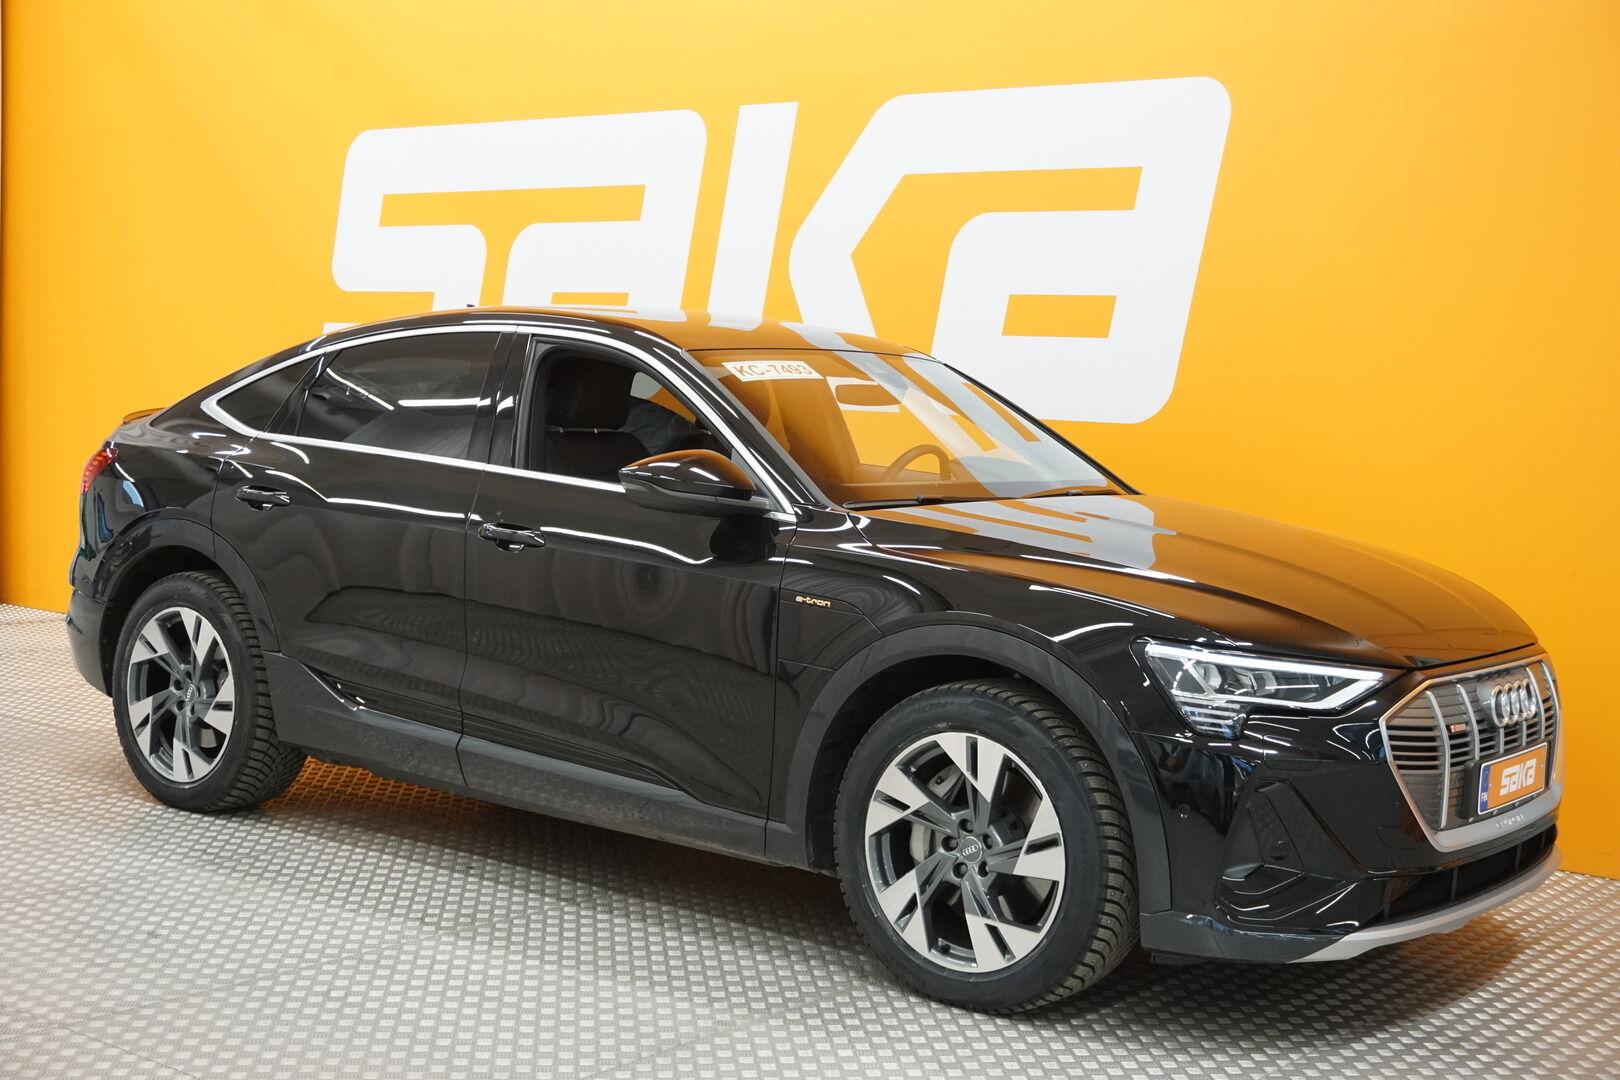 Musta Maastoauto, Audi e-tron – ESP-28146, kuva 1